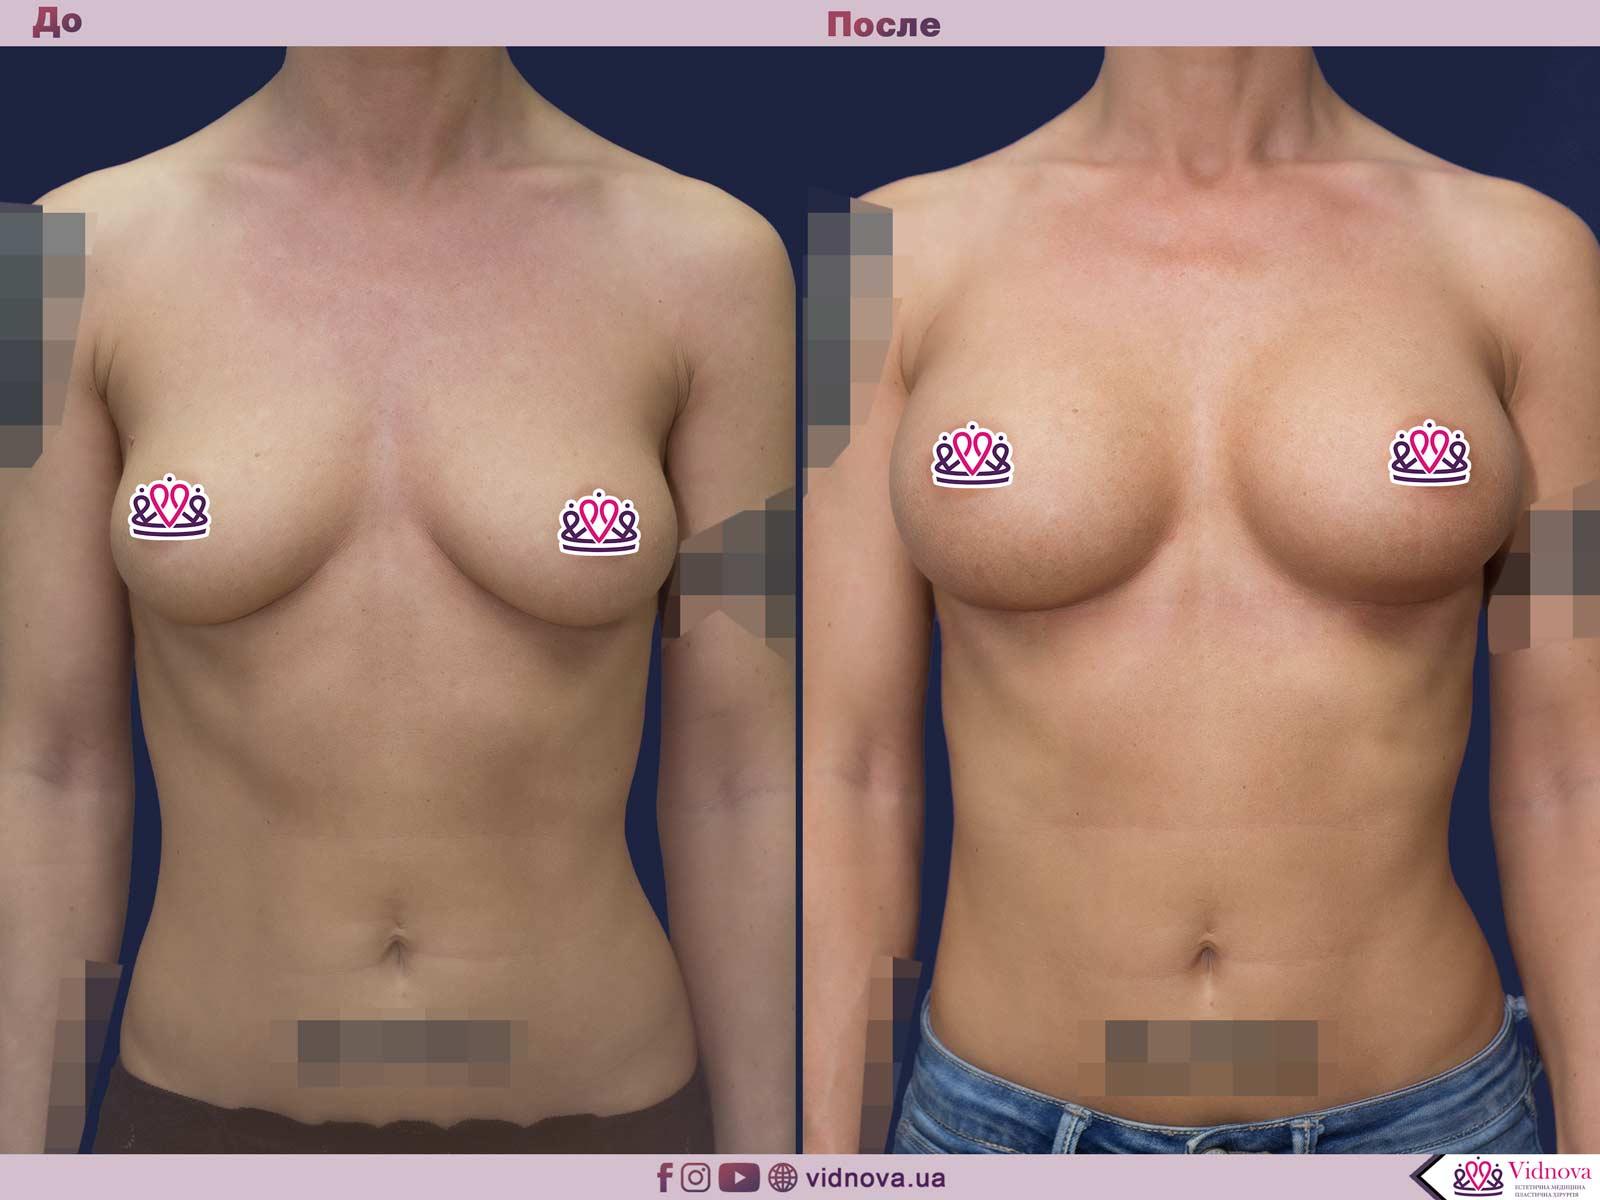 Пластика груди: результаты до и после - Пример №45-0 - Светлана Работенко